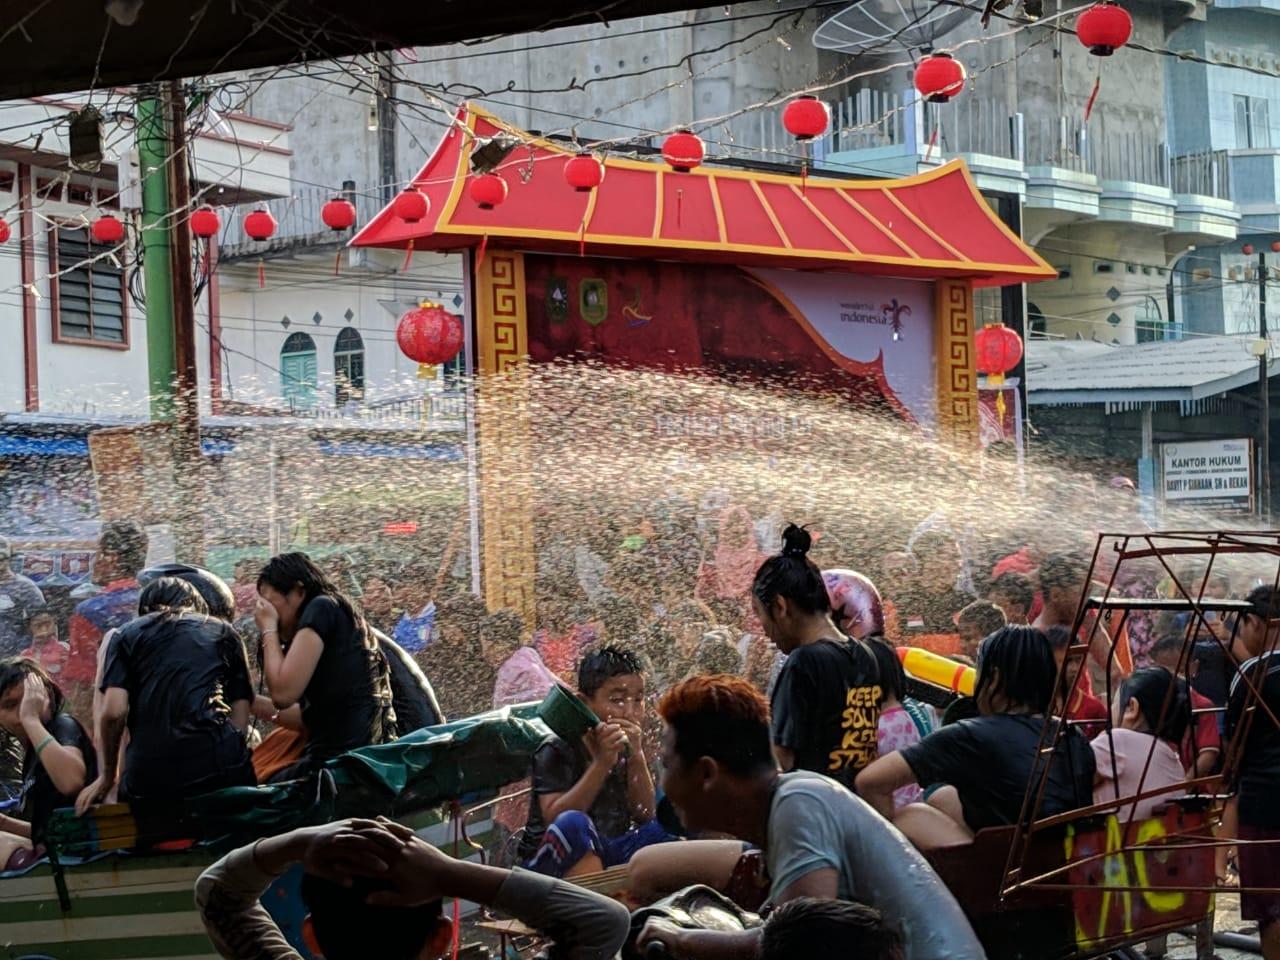 LAMR Meranti Sikapi Polemik Festival Perang Air</a>